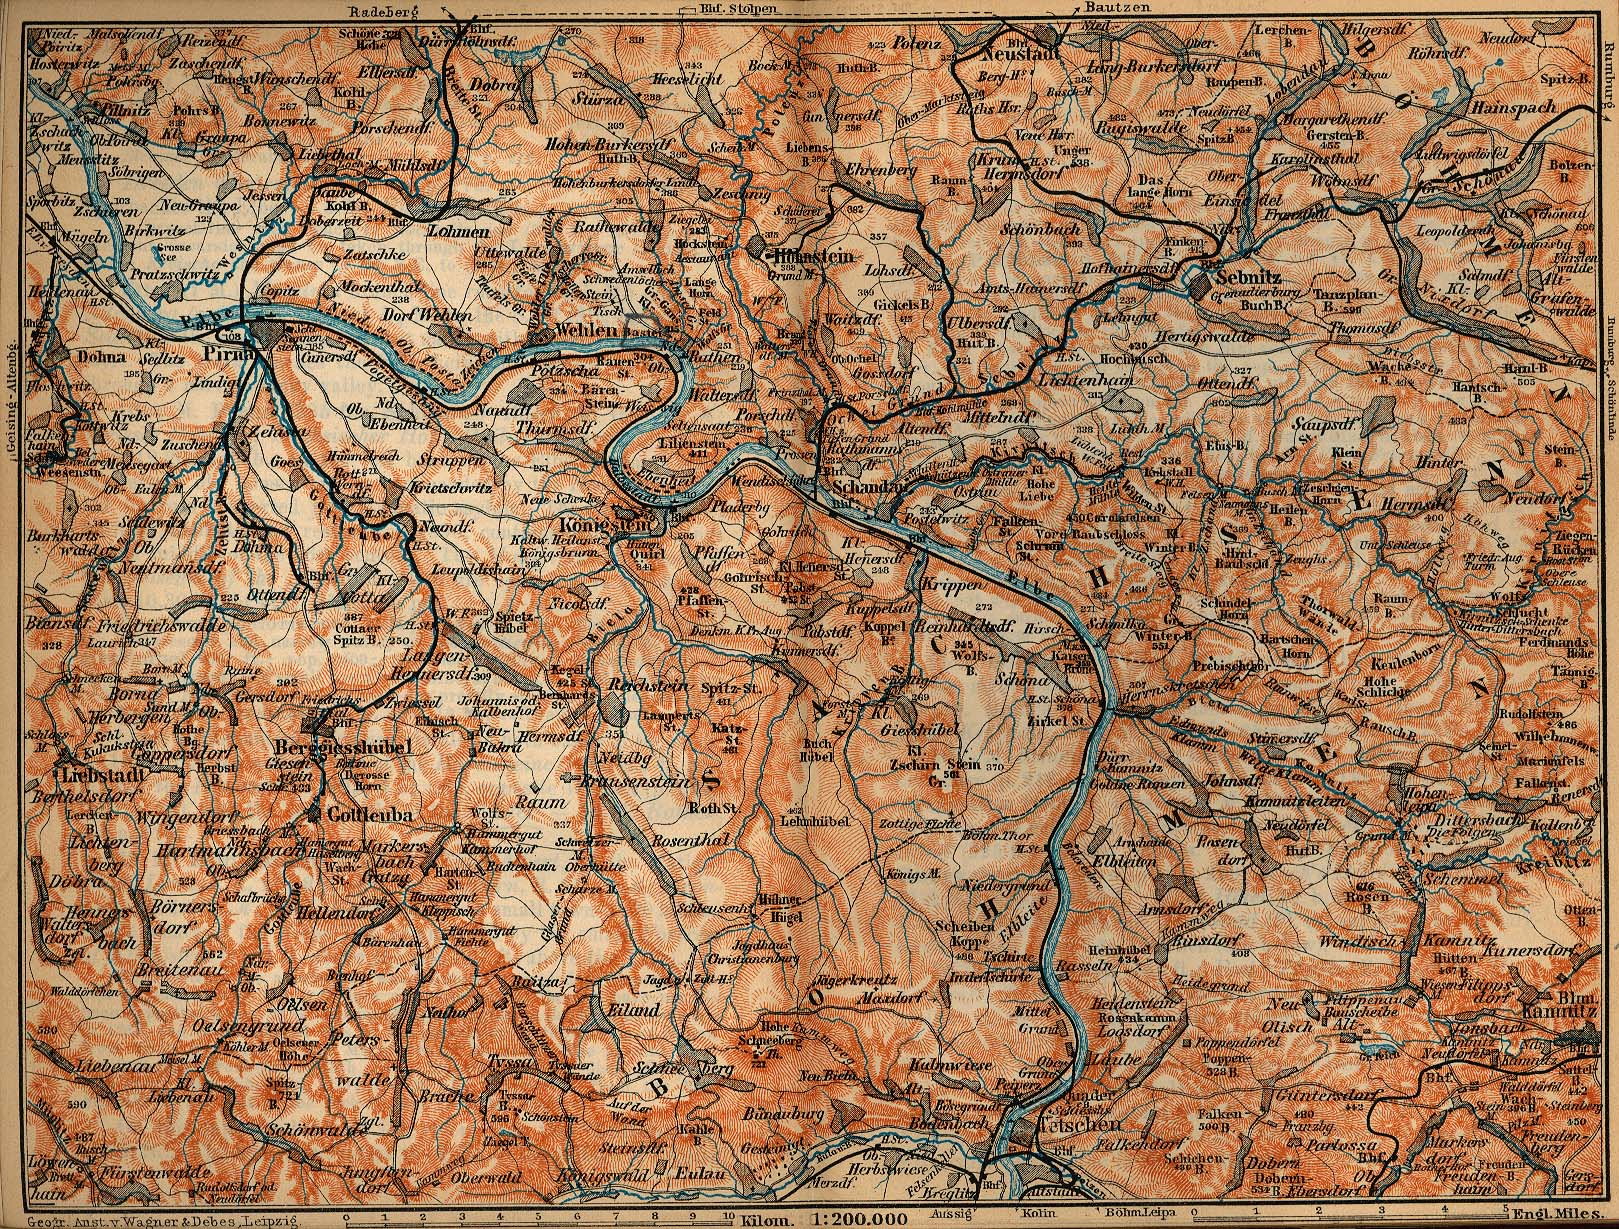 Mapa de la Suiza Sajona, Alemania 1910